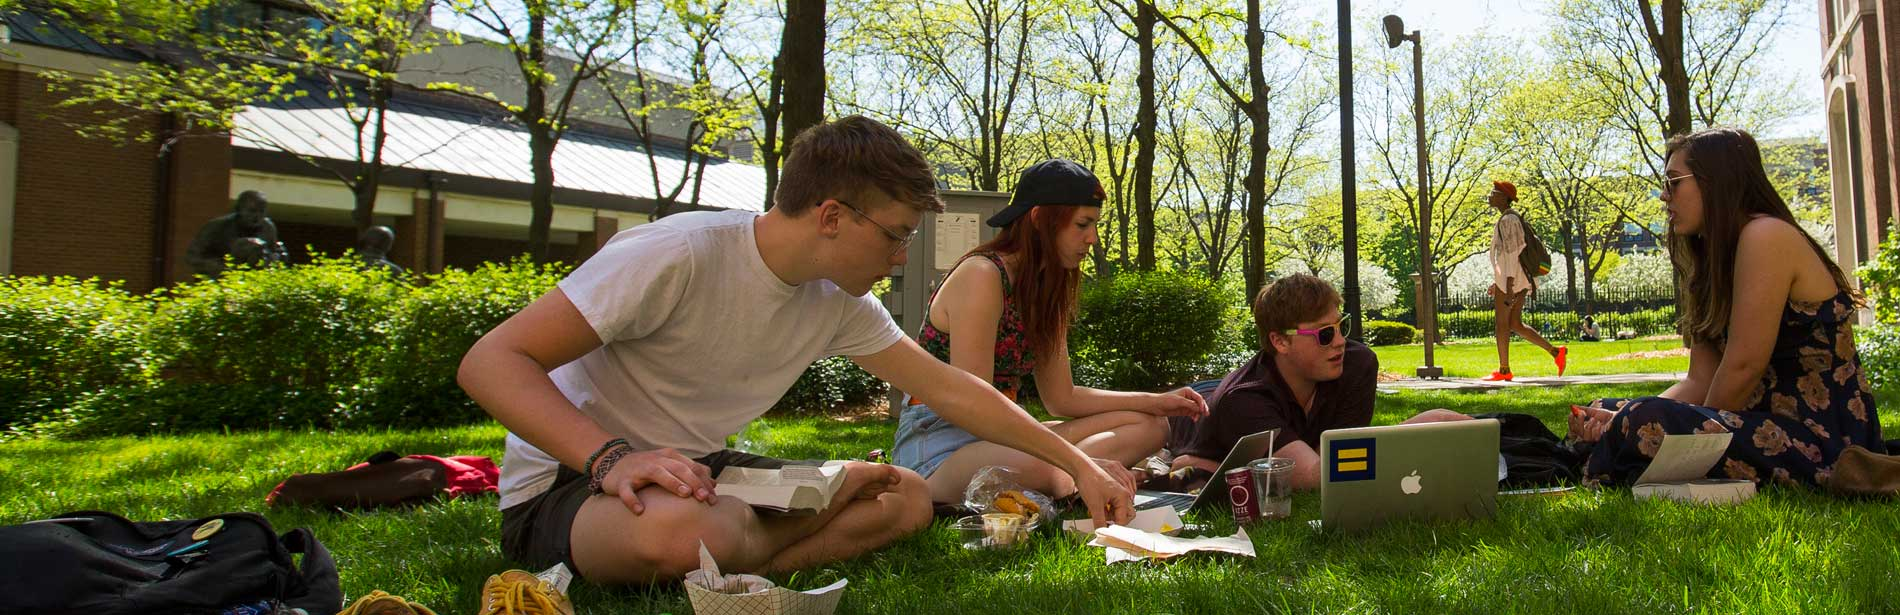 Summer Session Depaul University Chicago